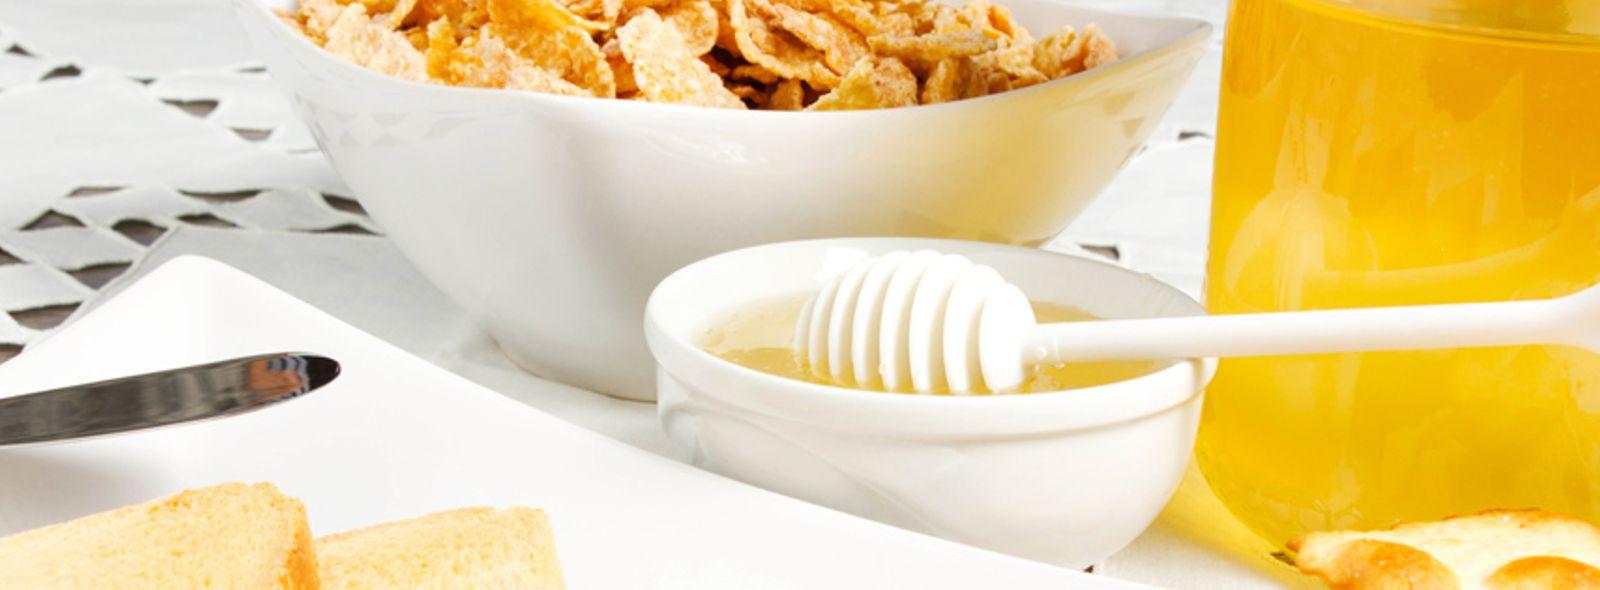 Sostituire lo zucchero con il miele